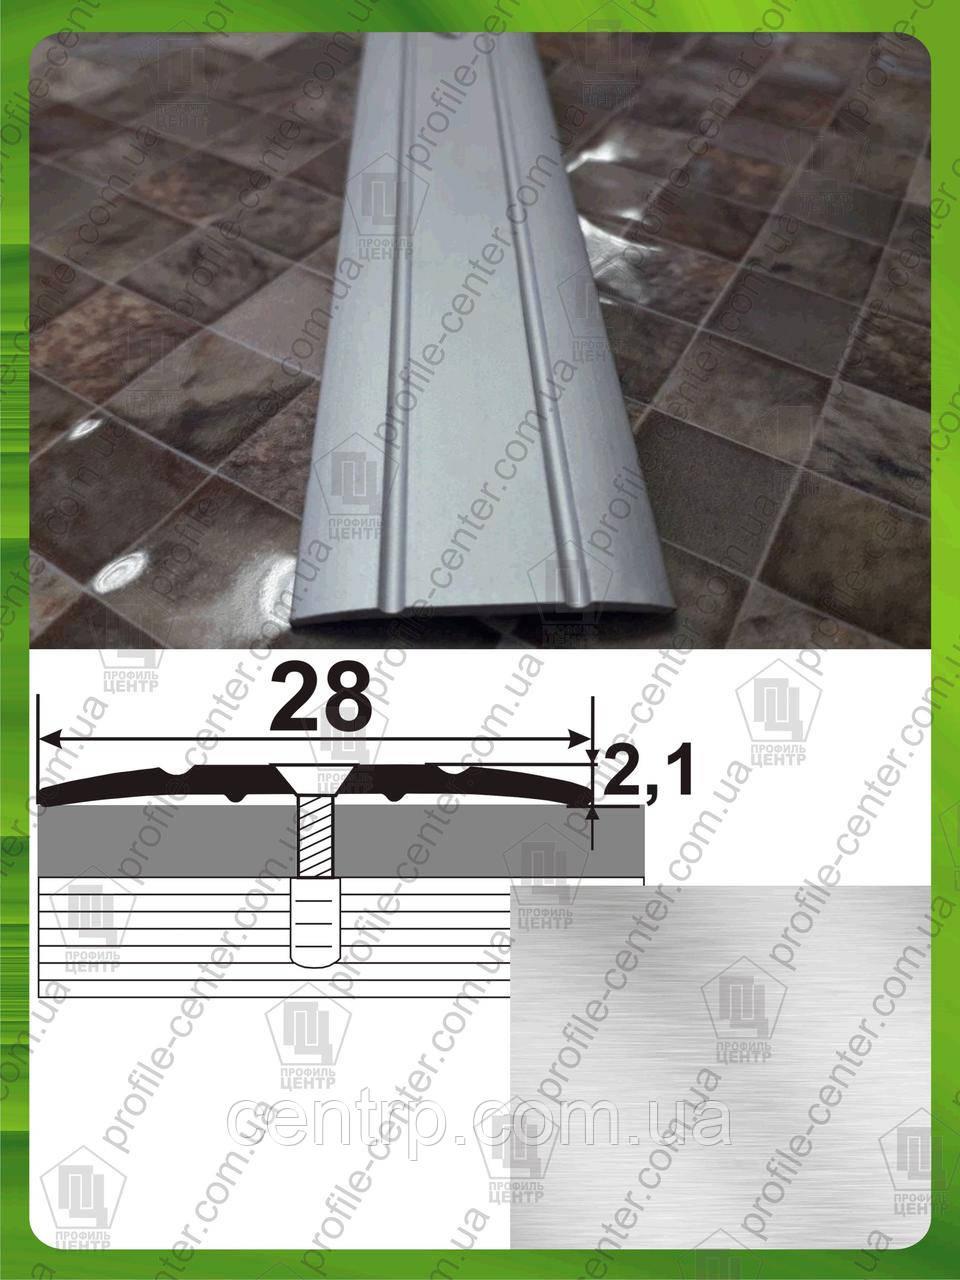 Порожек для пола АП 005 Без покрытия. Ширина 28 мм. Длина 2,7м.